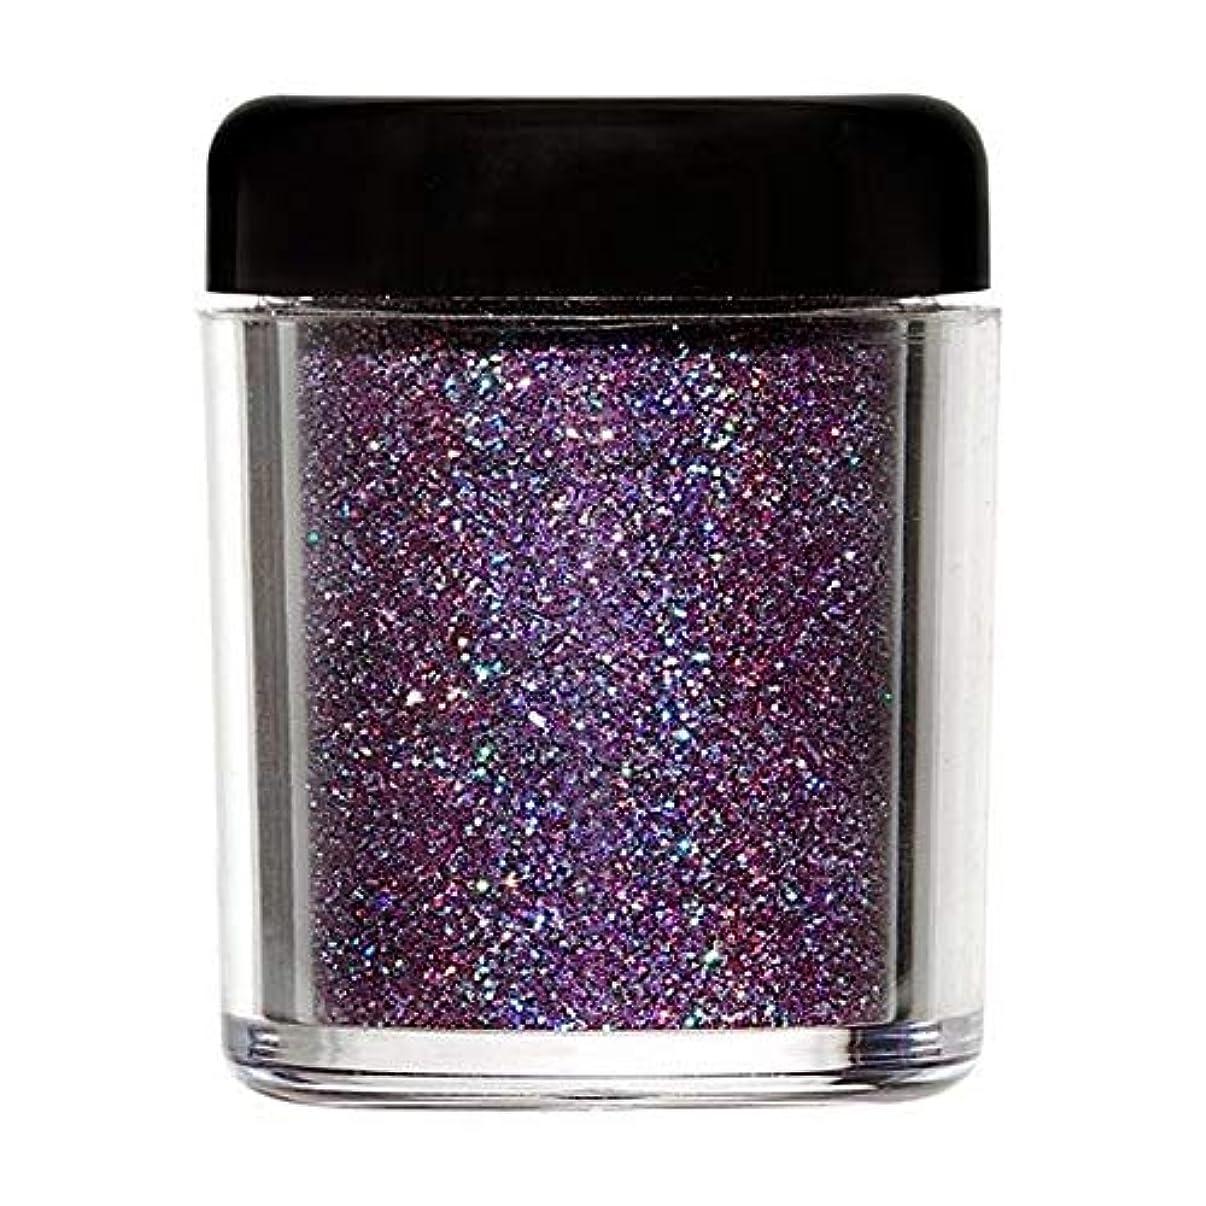 シャット対応子供時代[Barry M ] バリーメートルのグリッターラッシュボディの輝き - 紫外線 - Barry M Glitter Rush Body Glitter - Ultraviolet [並行輸入品]